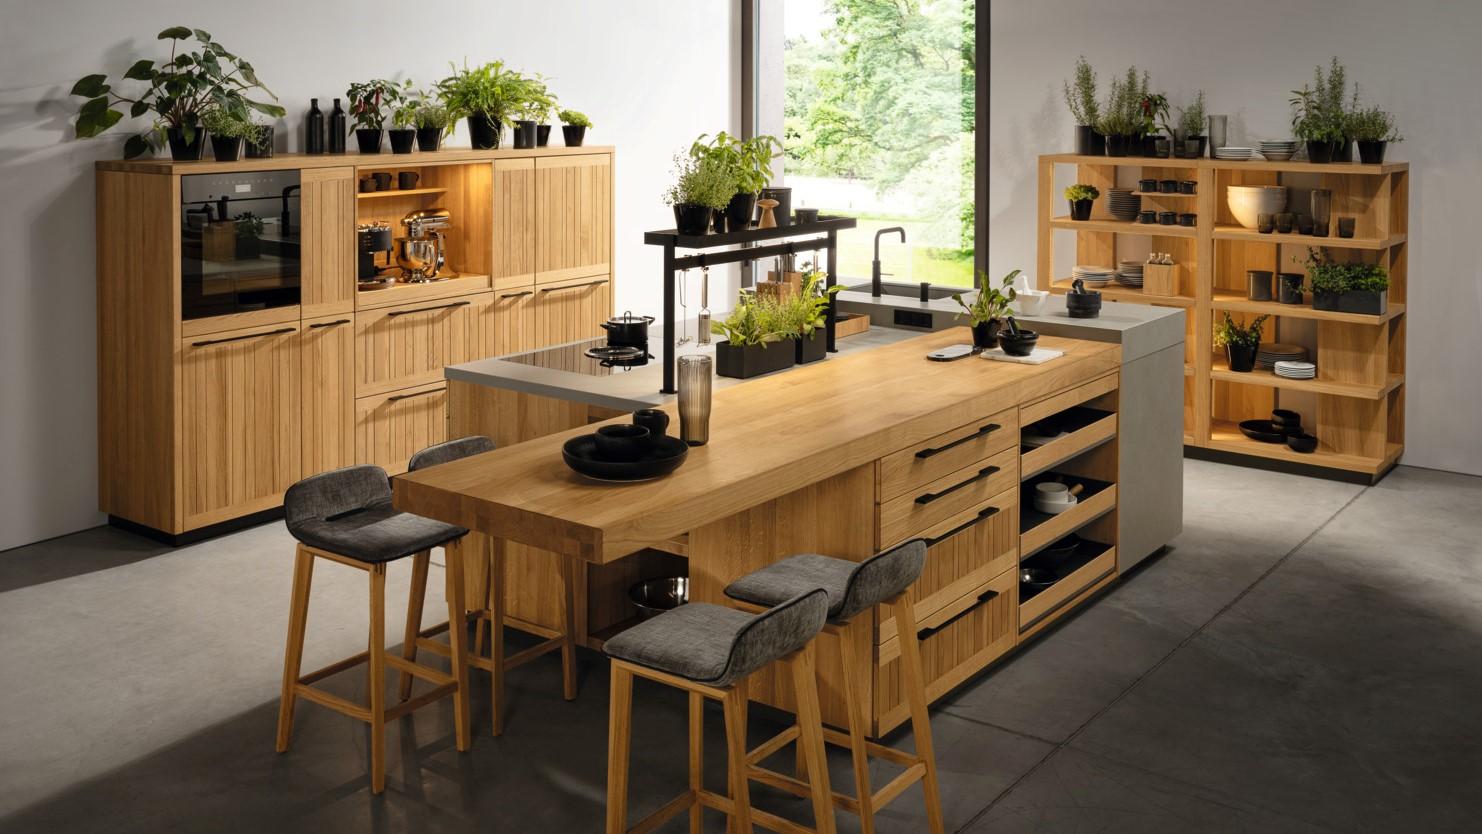 Küche echt-zeit von TEAM 7 bei Hartmann Naturmöbel in Freiburg